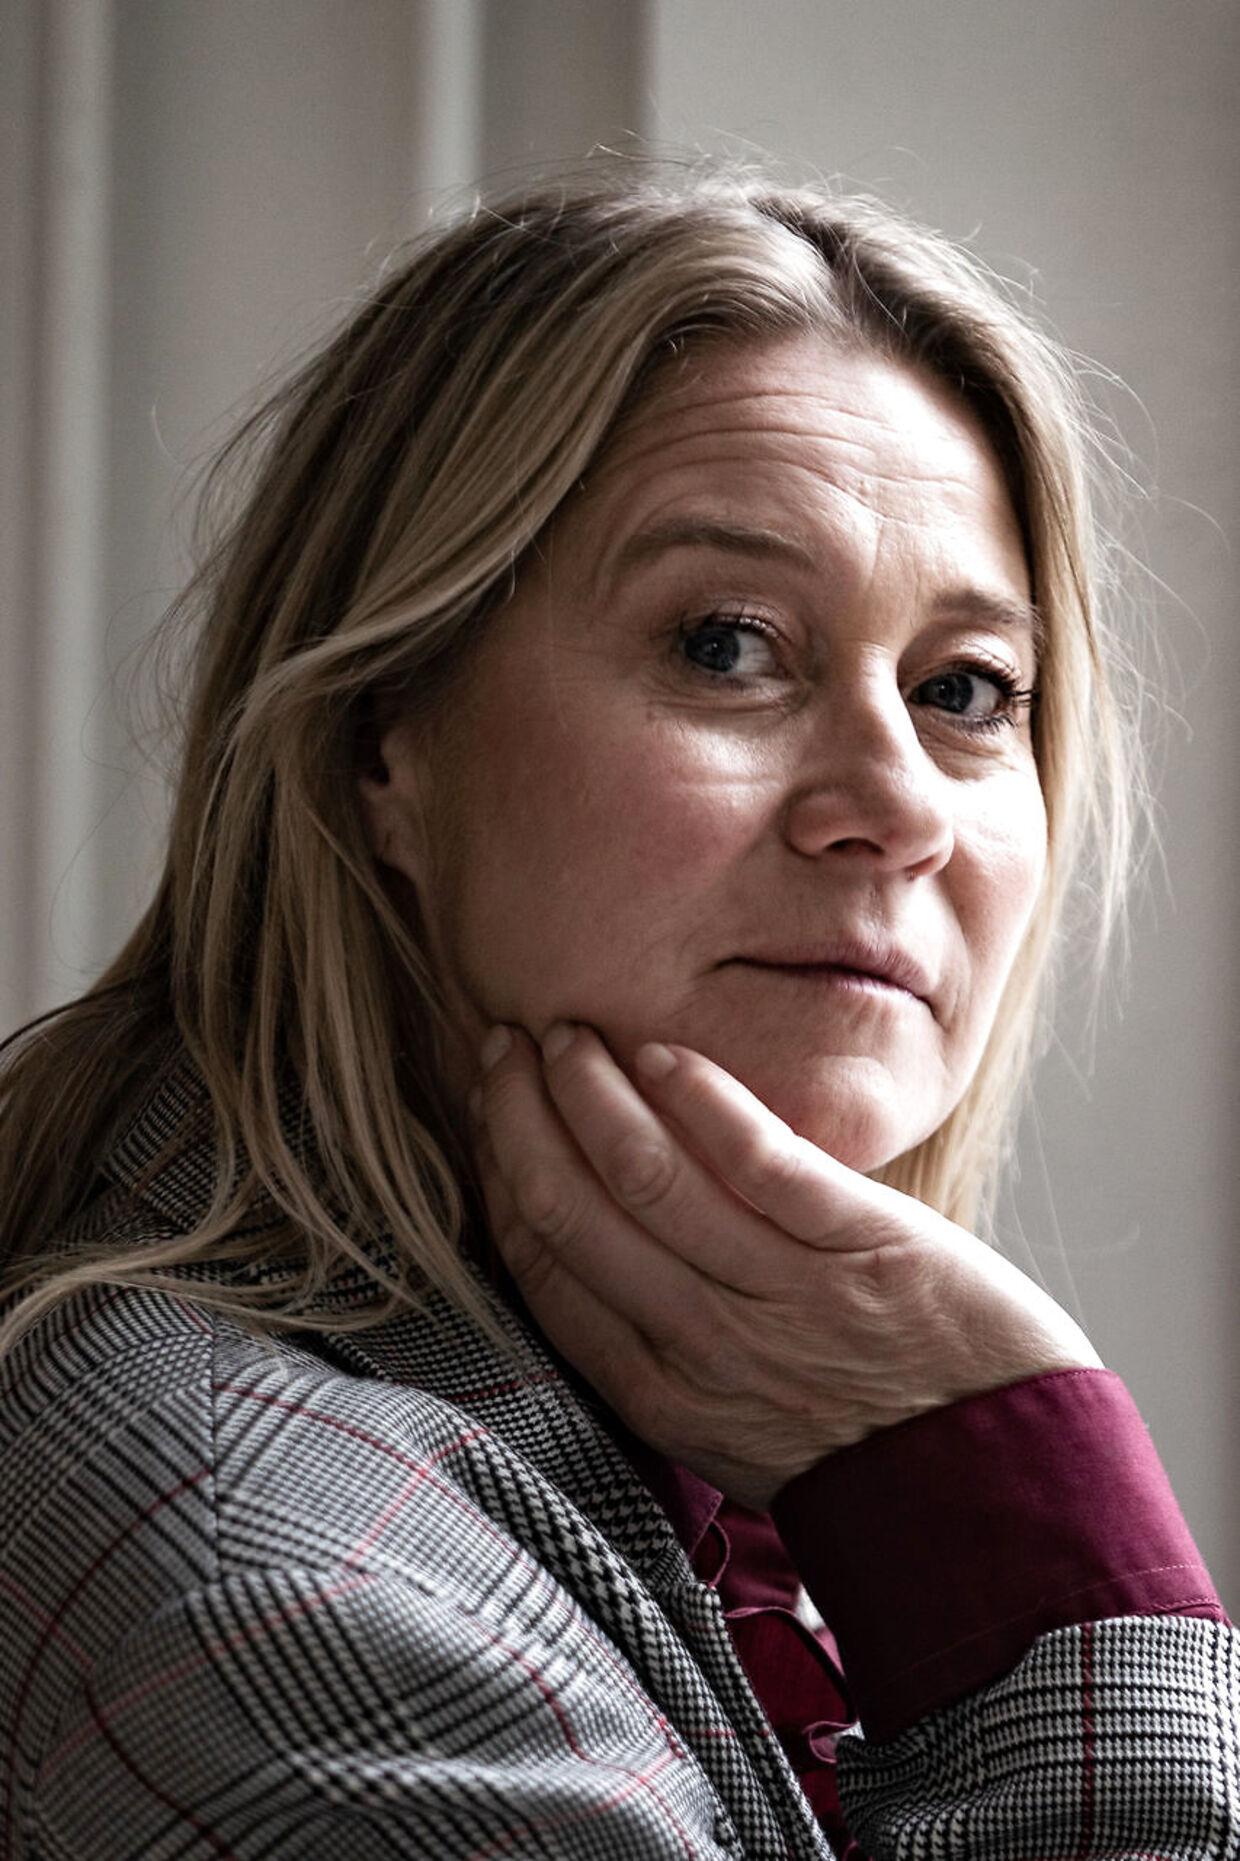 Vi kan sagtens skelne mellem flirt og sexisme, mener Trine Dyrholm. For flirt giver noget til modtageren. Mens sexisme fratager modtageren noget.